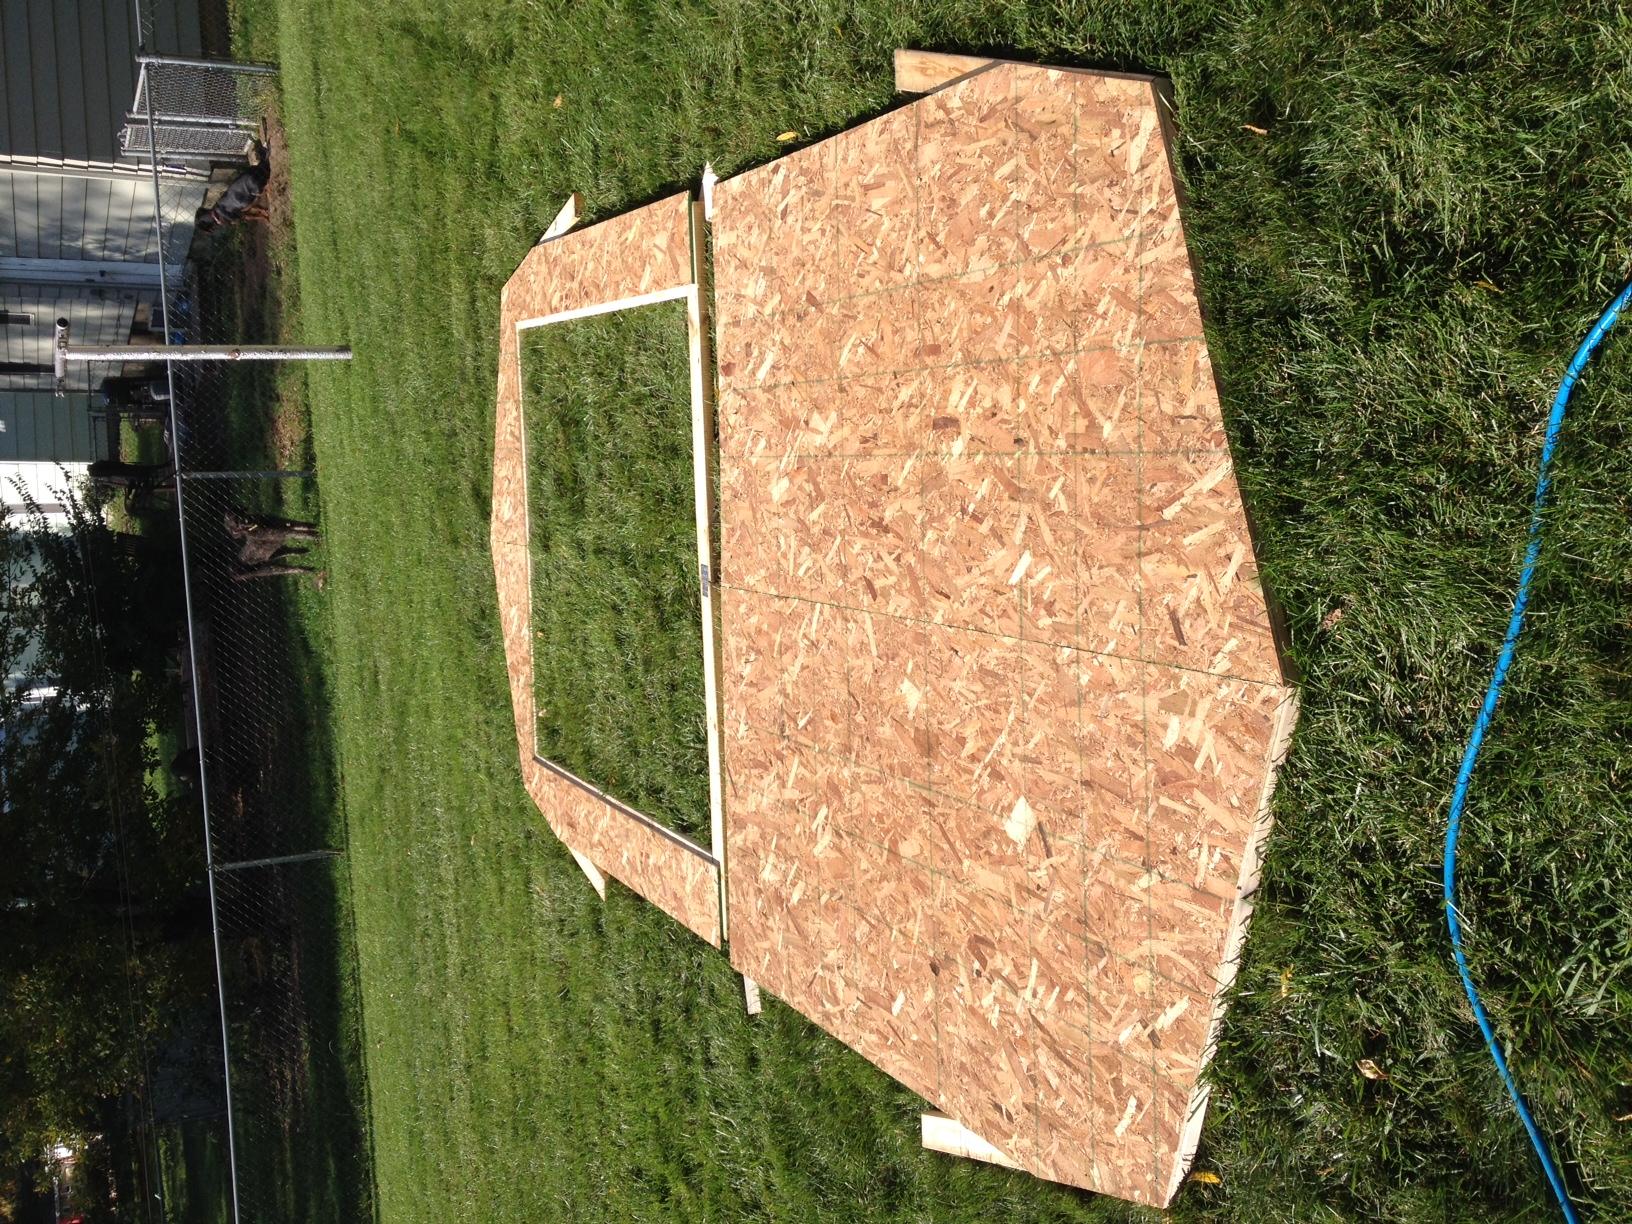 Menards complete home building kits joy studio design for Garden shed kits menards